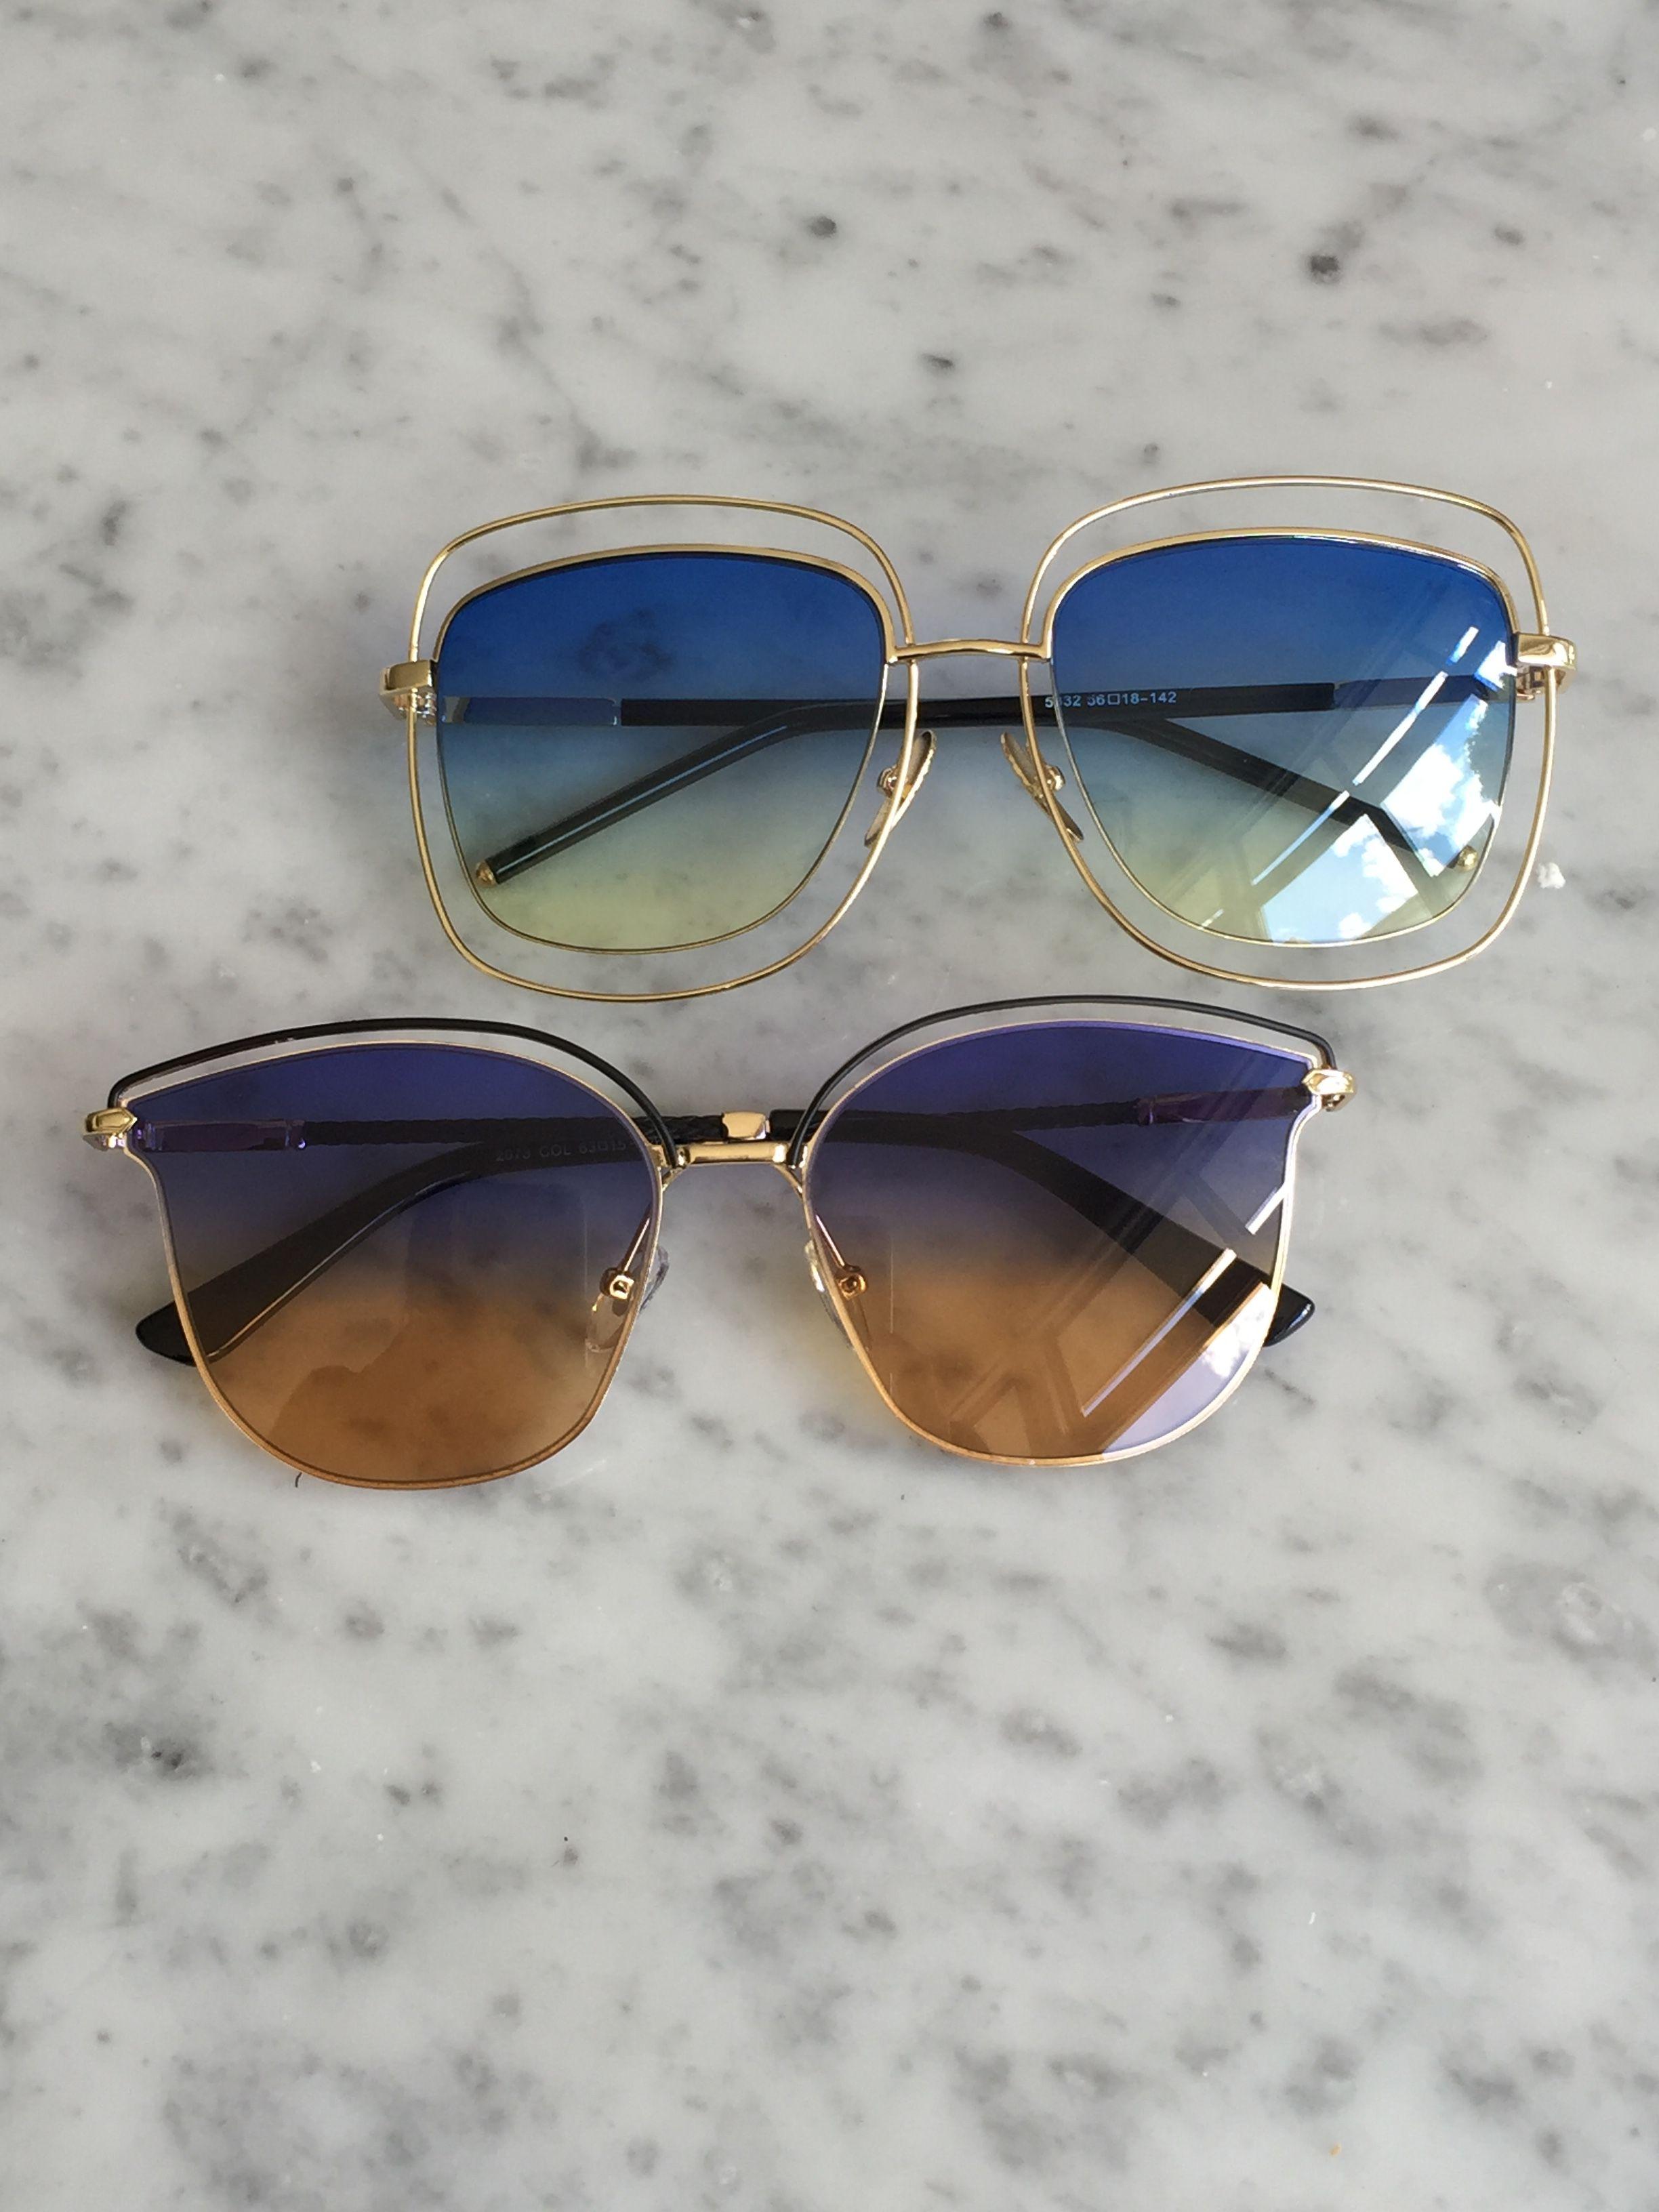 ... Óculos De Sol e muito mais! Sunglasses blue lens dec6ff31ca